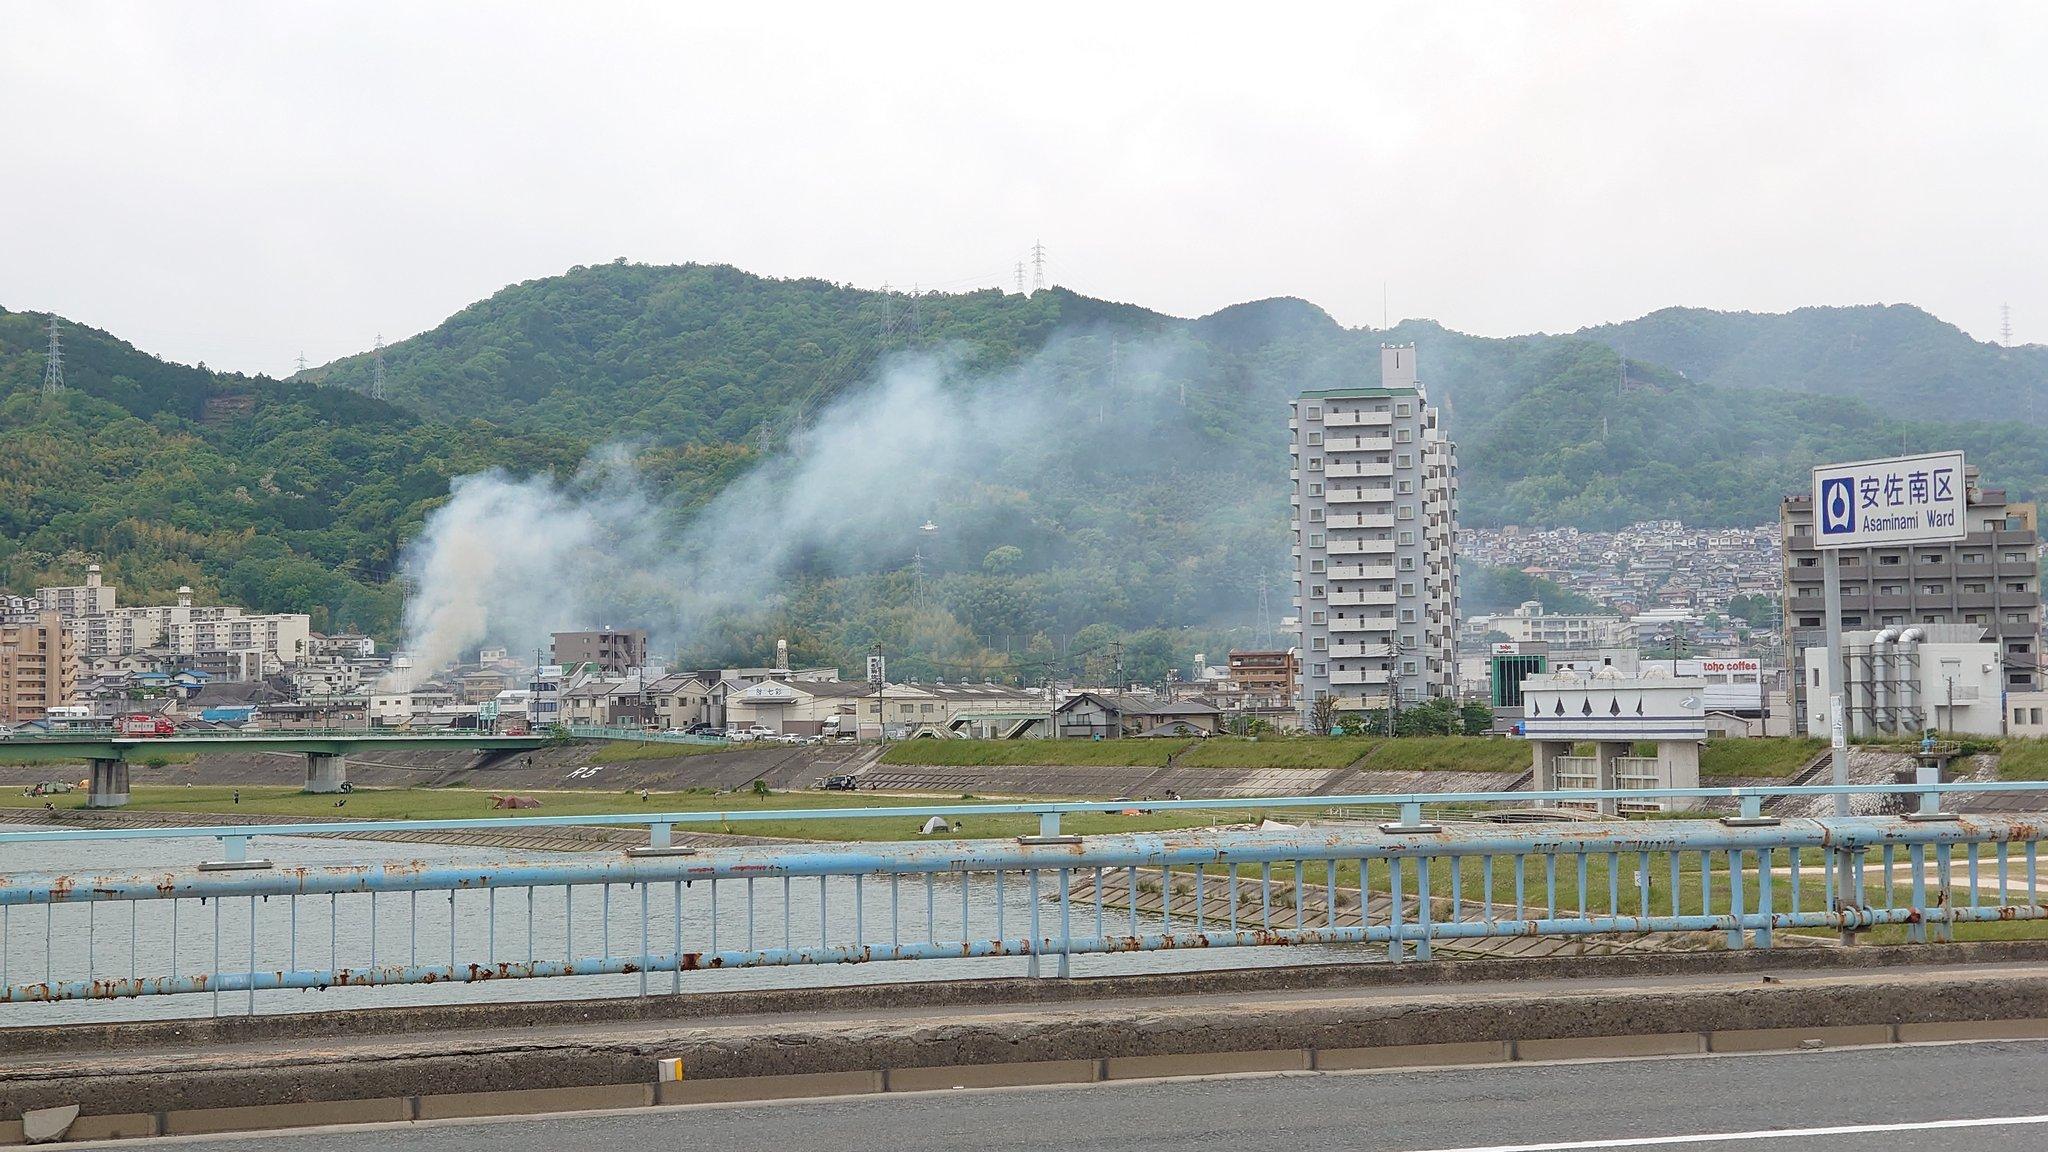 画像,長束、新庄町 辺りで建物火災のようだ https://t.co/U0aSZ0RupX。